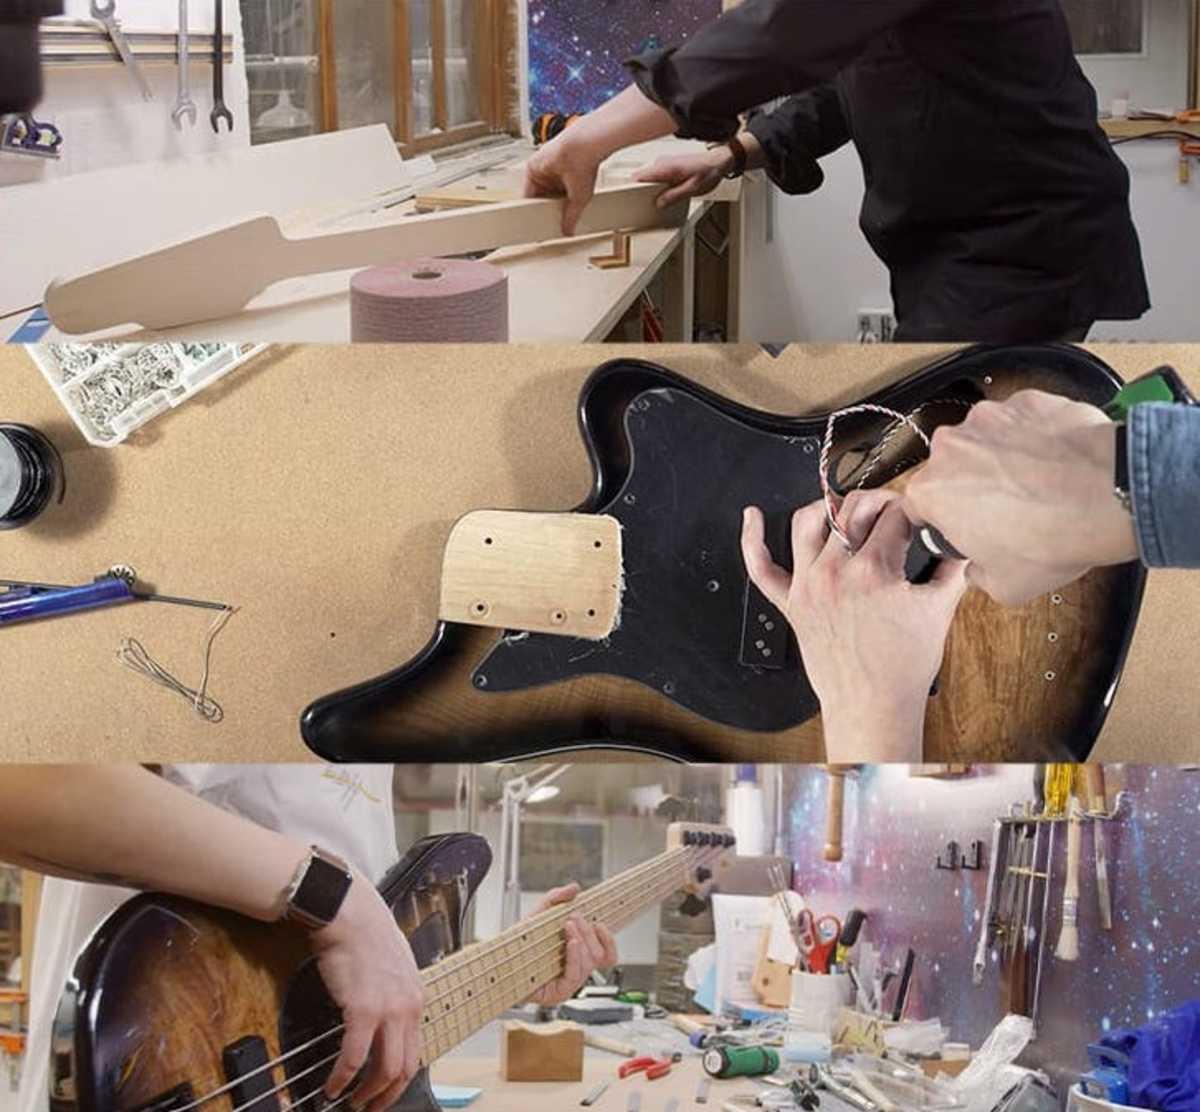 LEH-Guitars-image-4-d